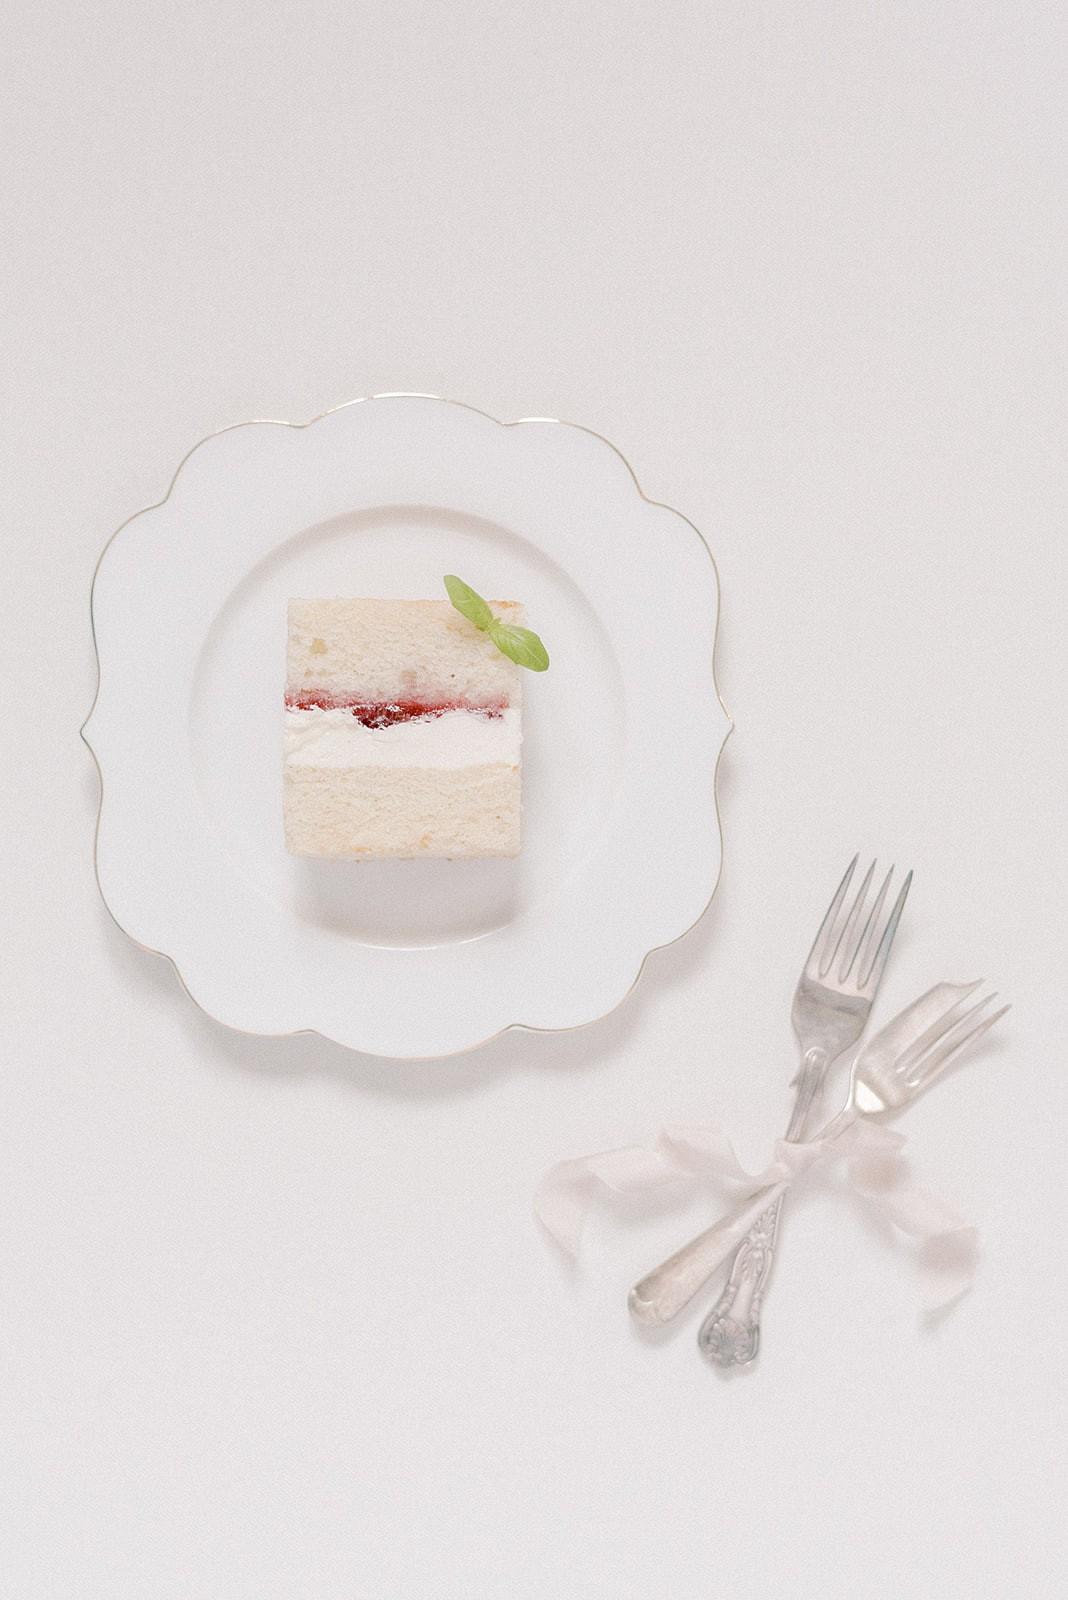 Summer wedding cake ideas by Mon Annie